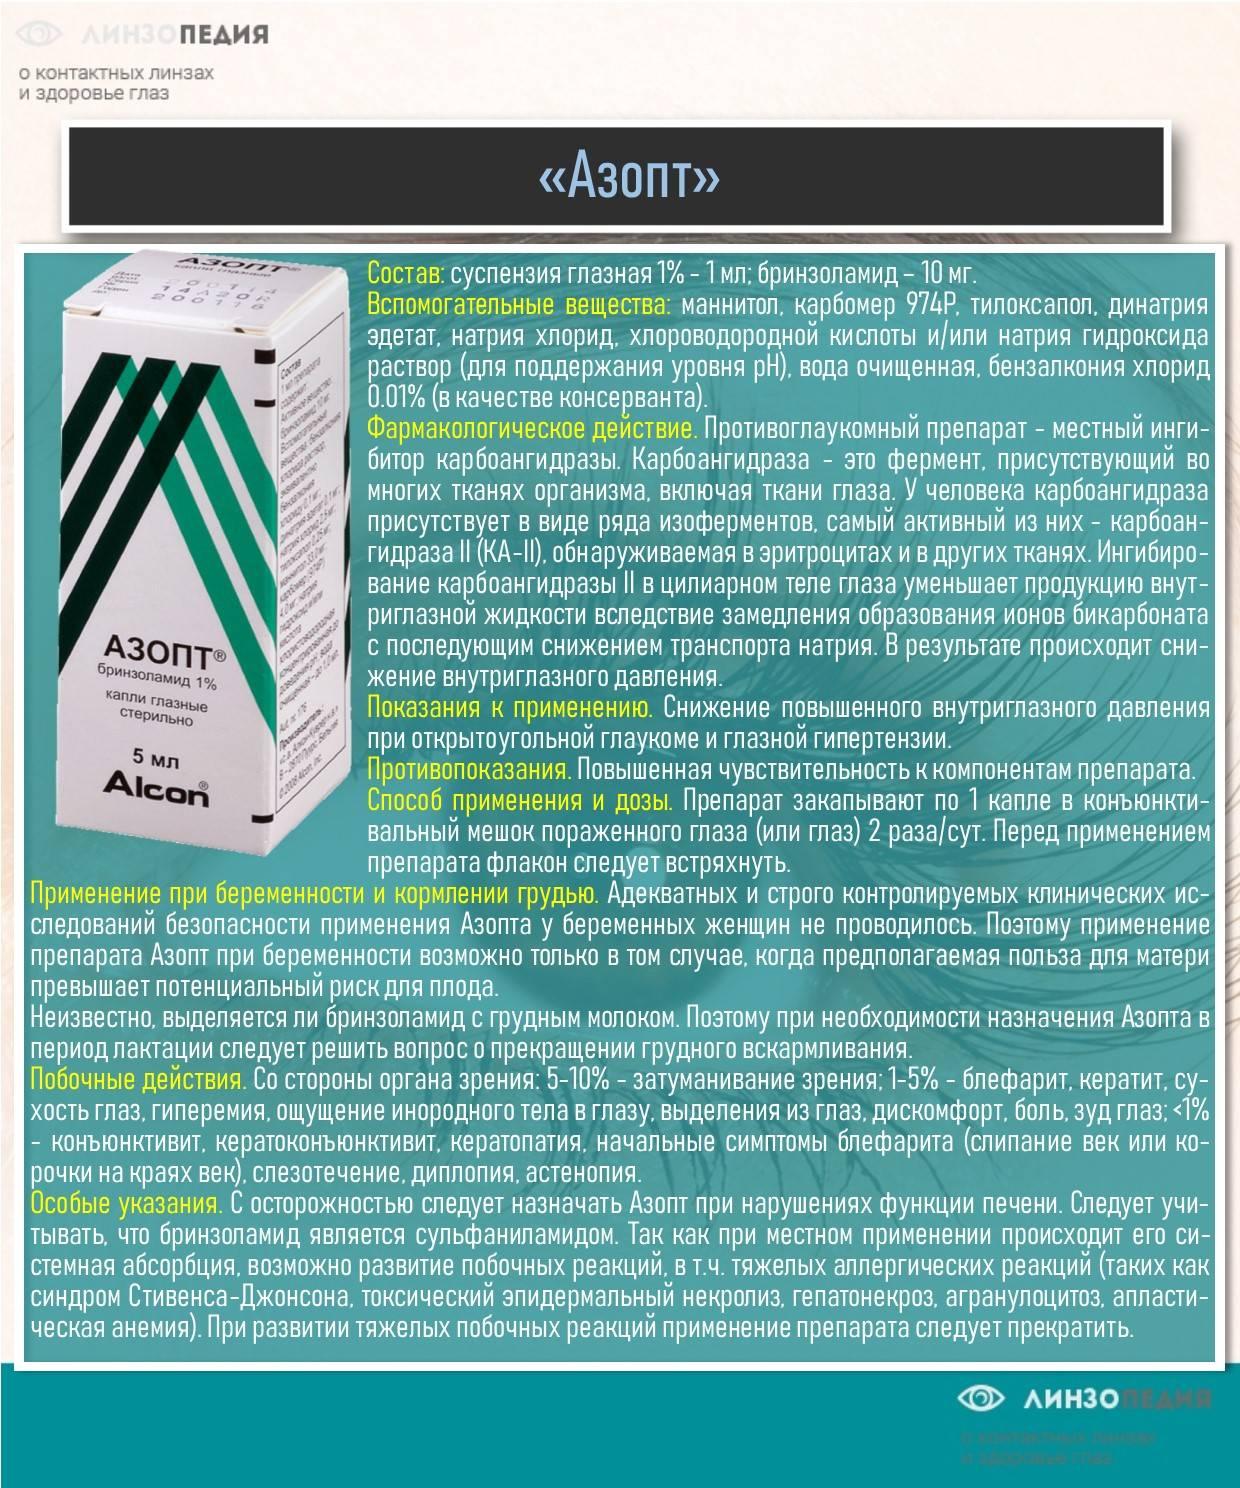 Азопт — препарат для глаз. инструкции, показания, отзывы и аналоги